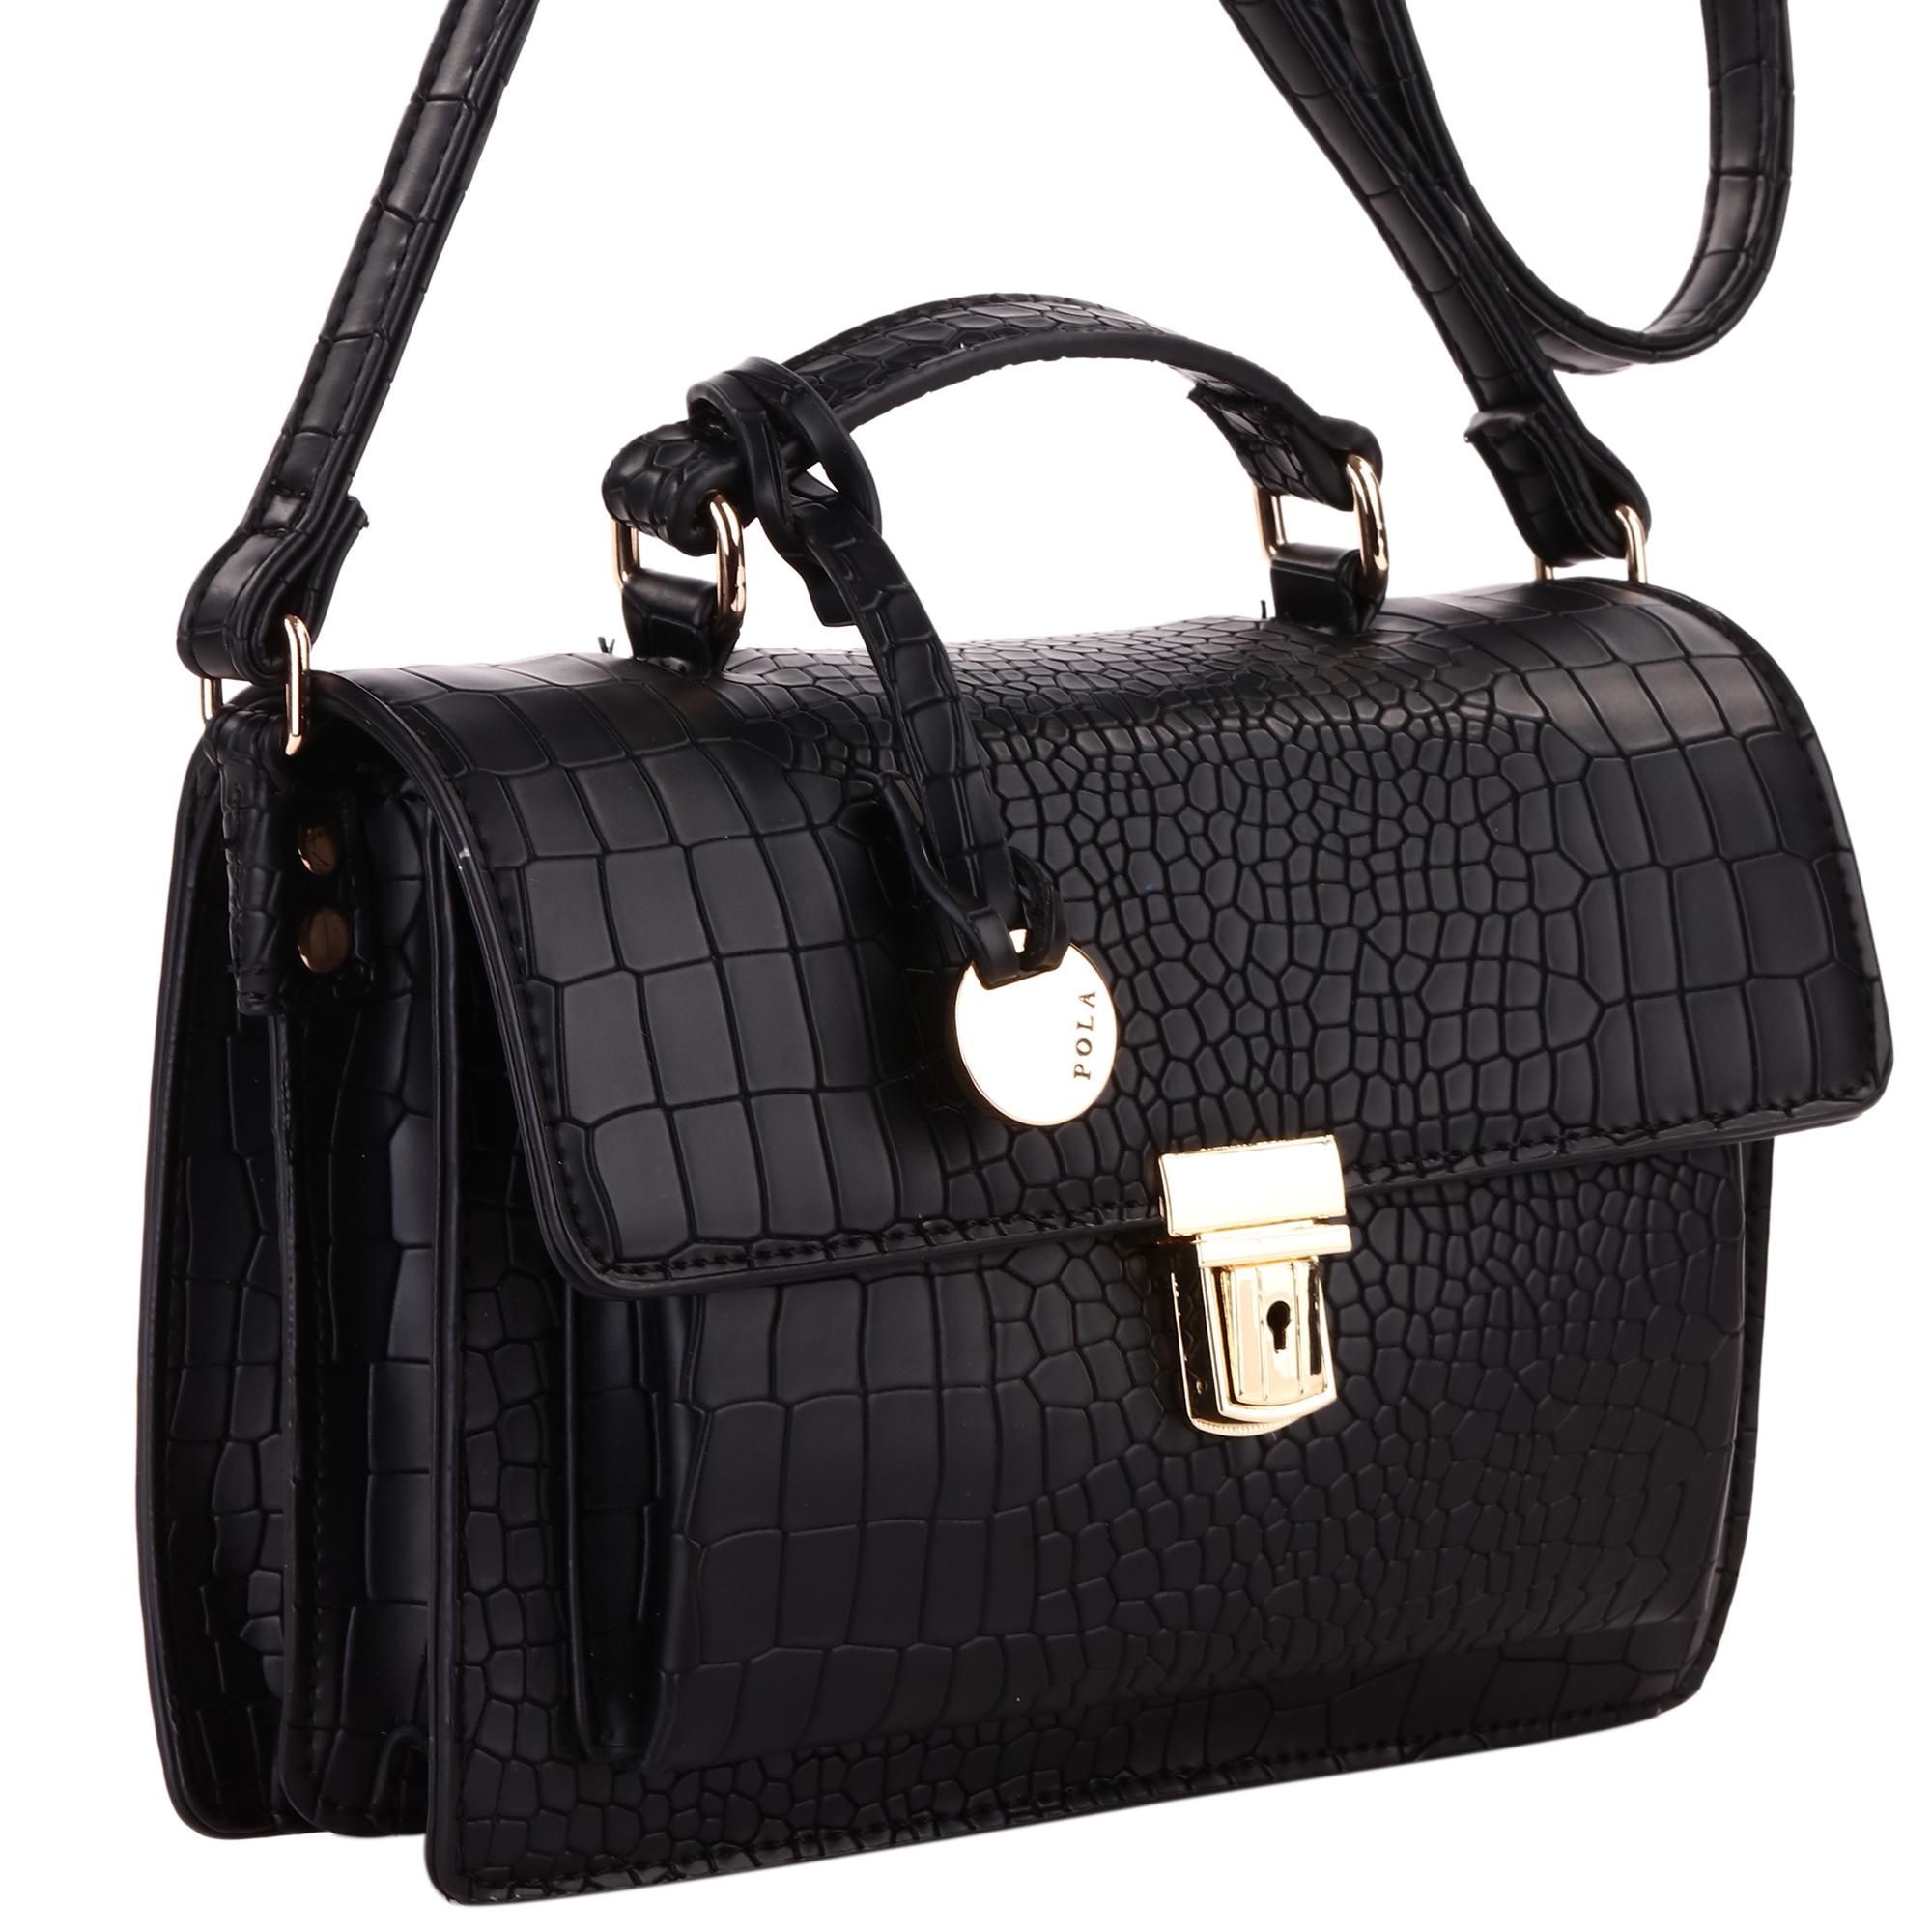 Сумка женская Pola, цвет: черный. 43954395Женская сумка на плечо фирмы Pola выполнена из экокожи. Закрывается клапаном на металлическом замке. Имеет два независимых отделения, внутри небольшой карман на молнии и один открытый карман. Под клапаном вместительный открытый карман. Плечевой ремень несъемный, регулируемый по длине, максимальная высота 55 см. Высота ручки 5 см. Цвет фурнитуры- золото.